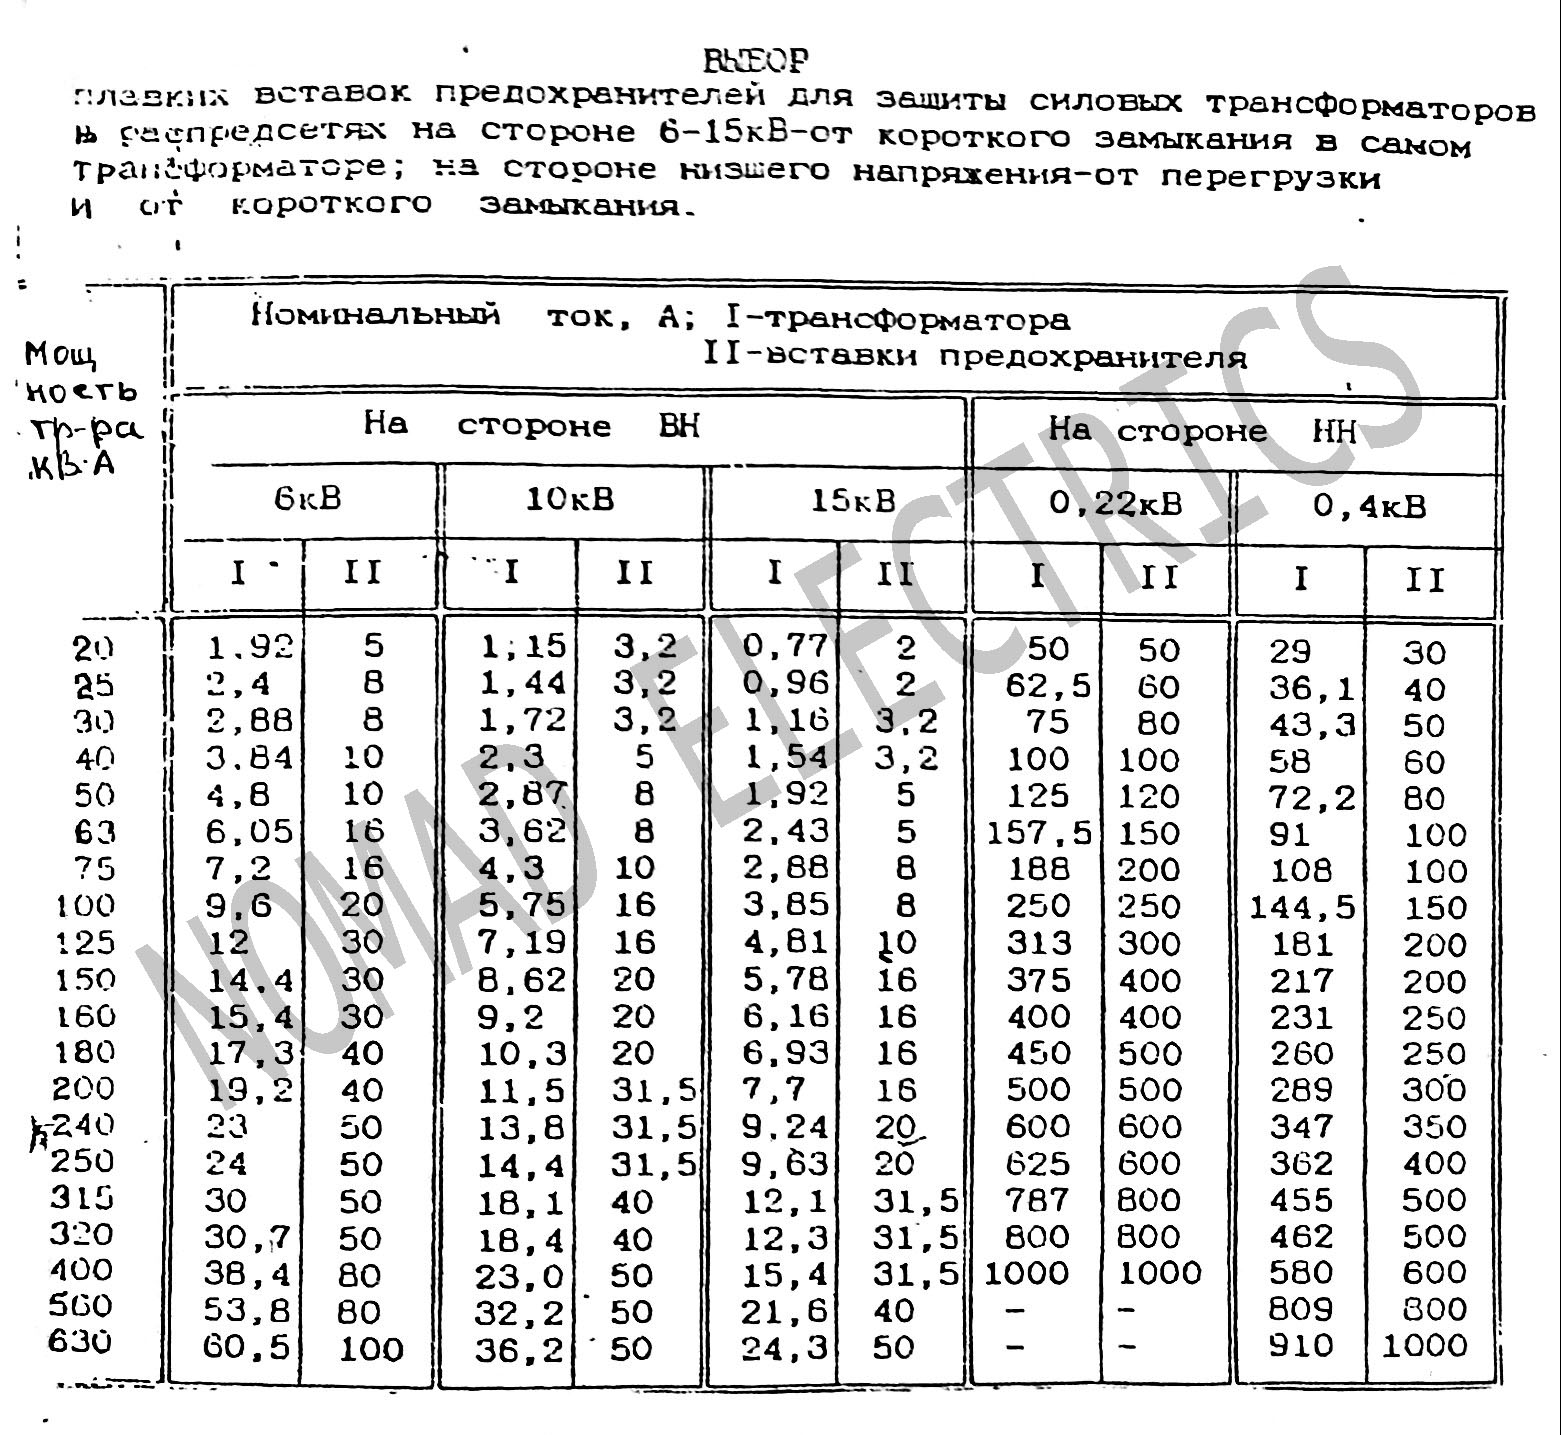 Базовый международный стандарт на электромеханические реле (iec 61810-1 ed. 3): критический обзор / статьи и обзоры / элек.ру